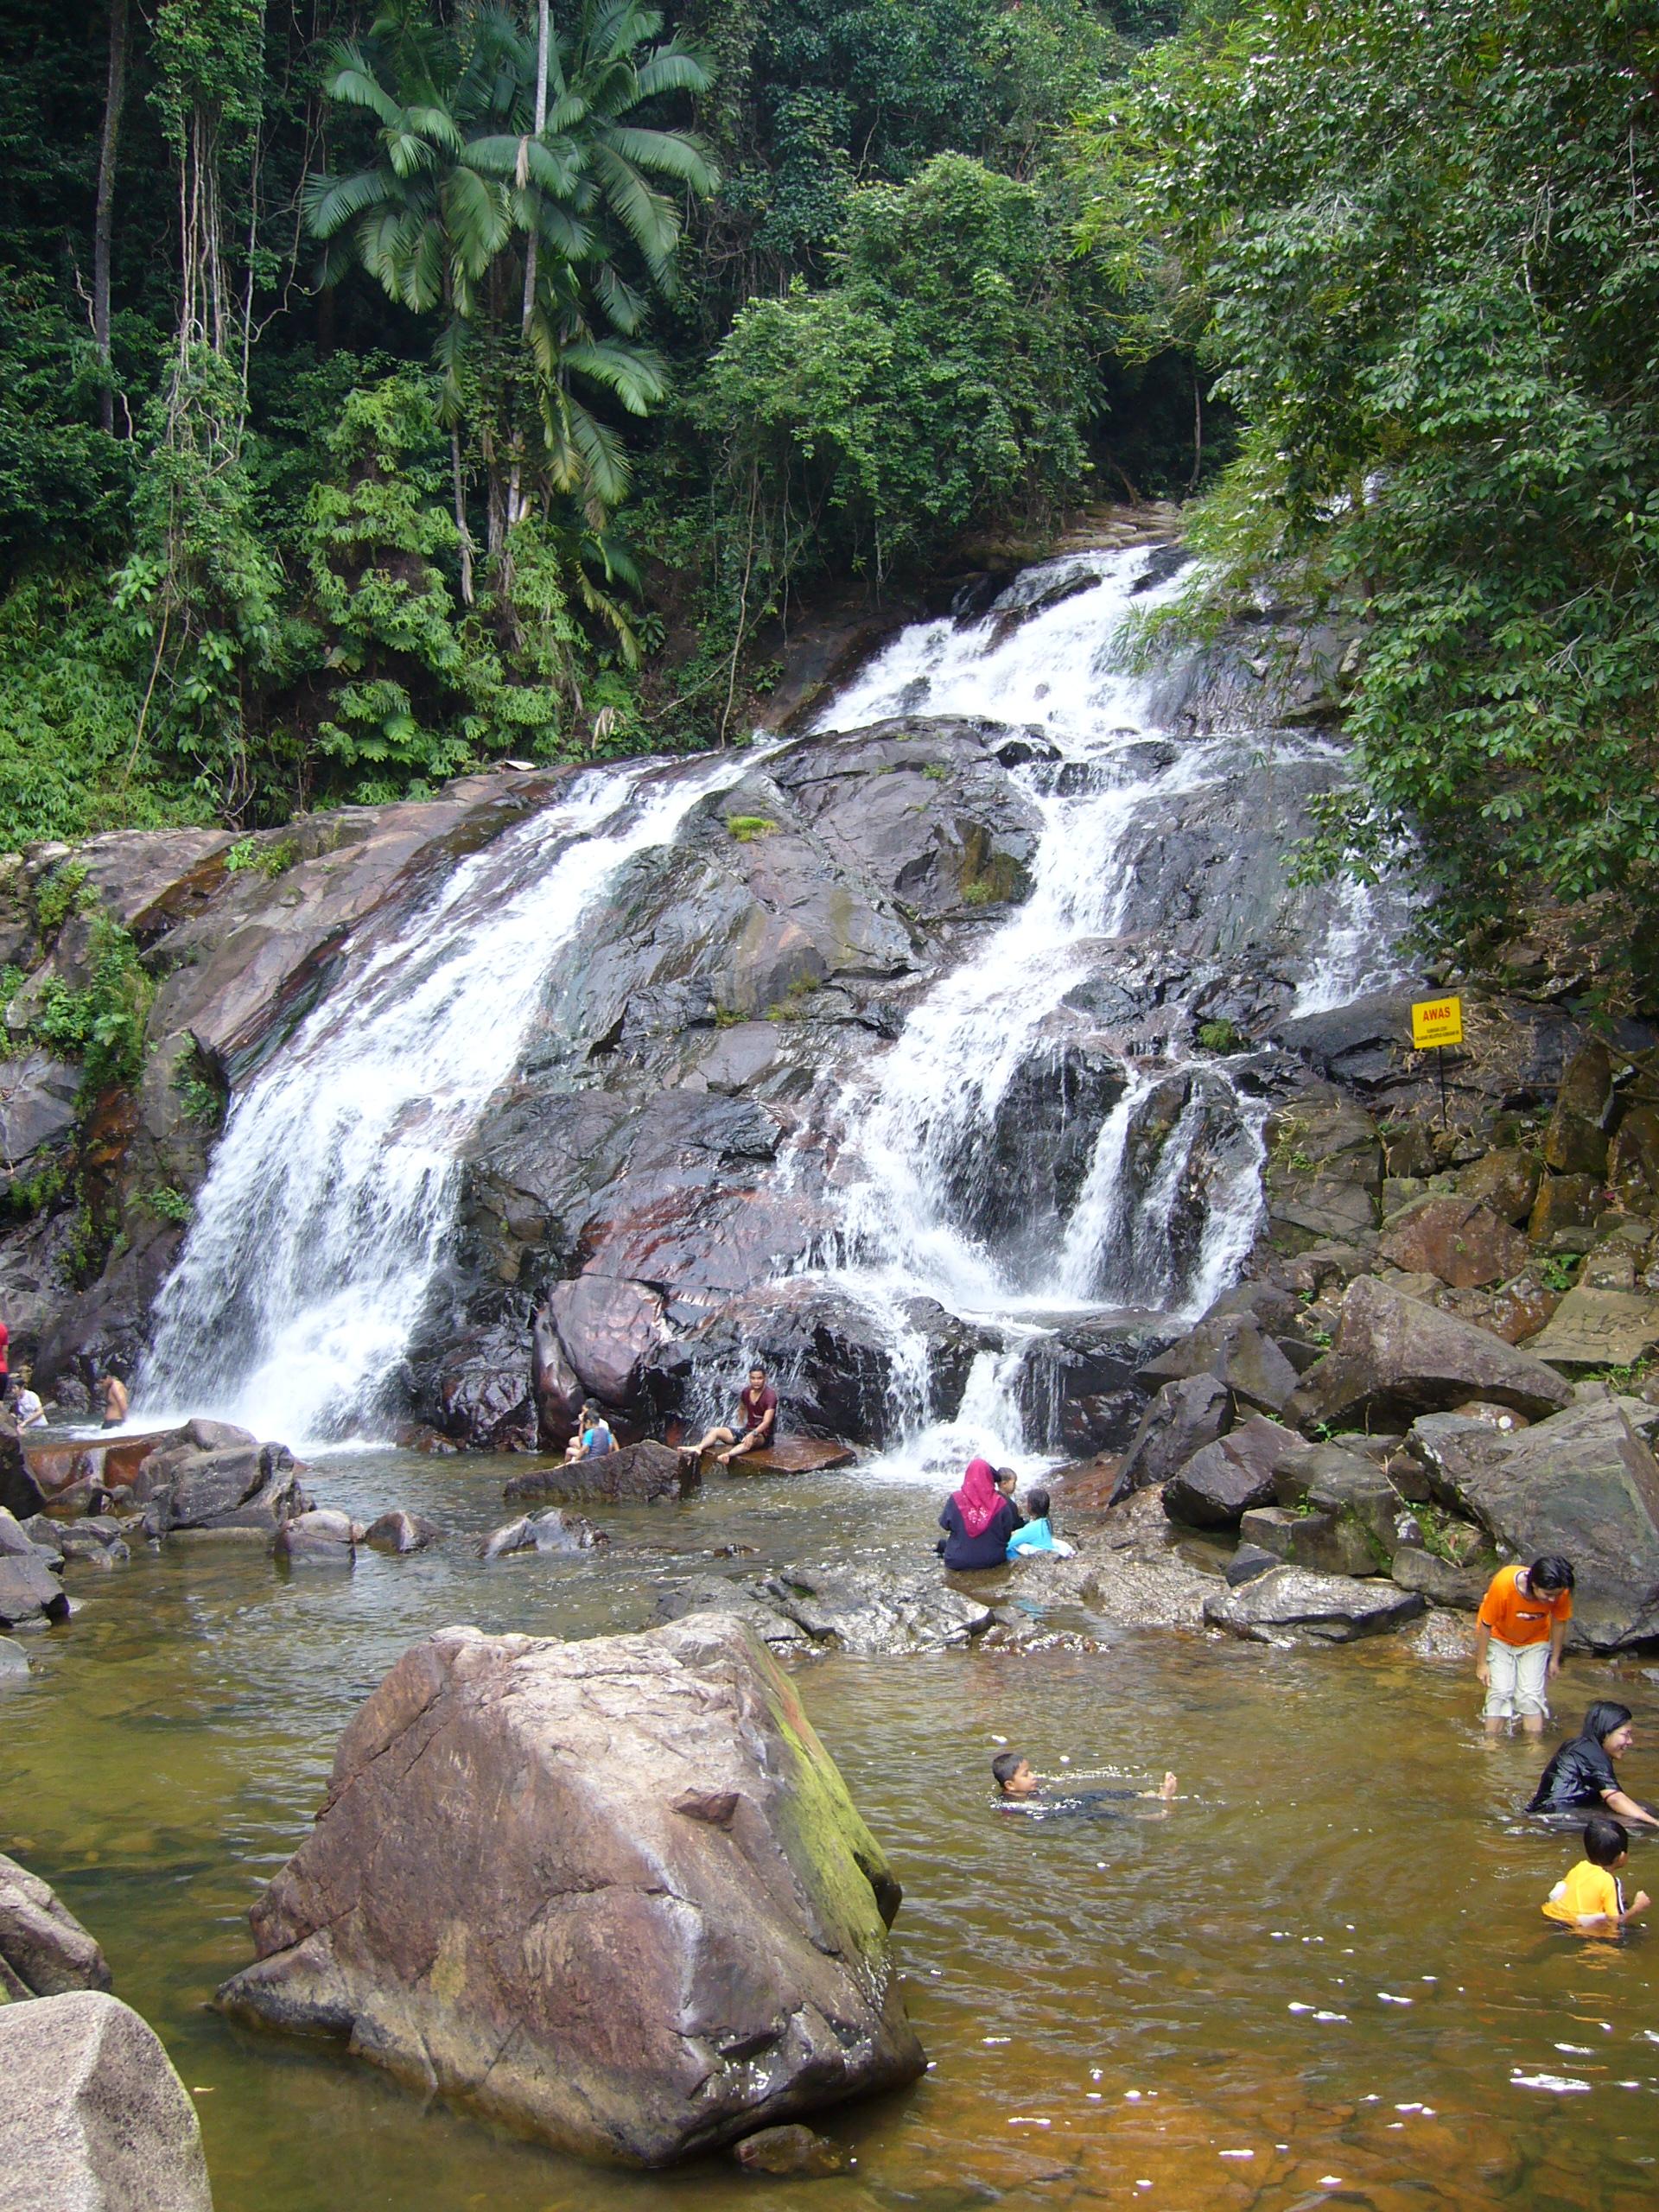 Air Terjun Kota Tinggi Wikipedia Bahasa Indonesia Ensiklopedia Bebas